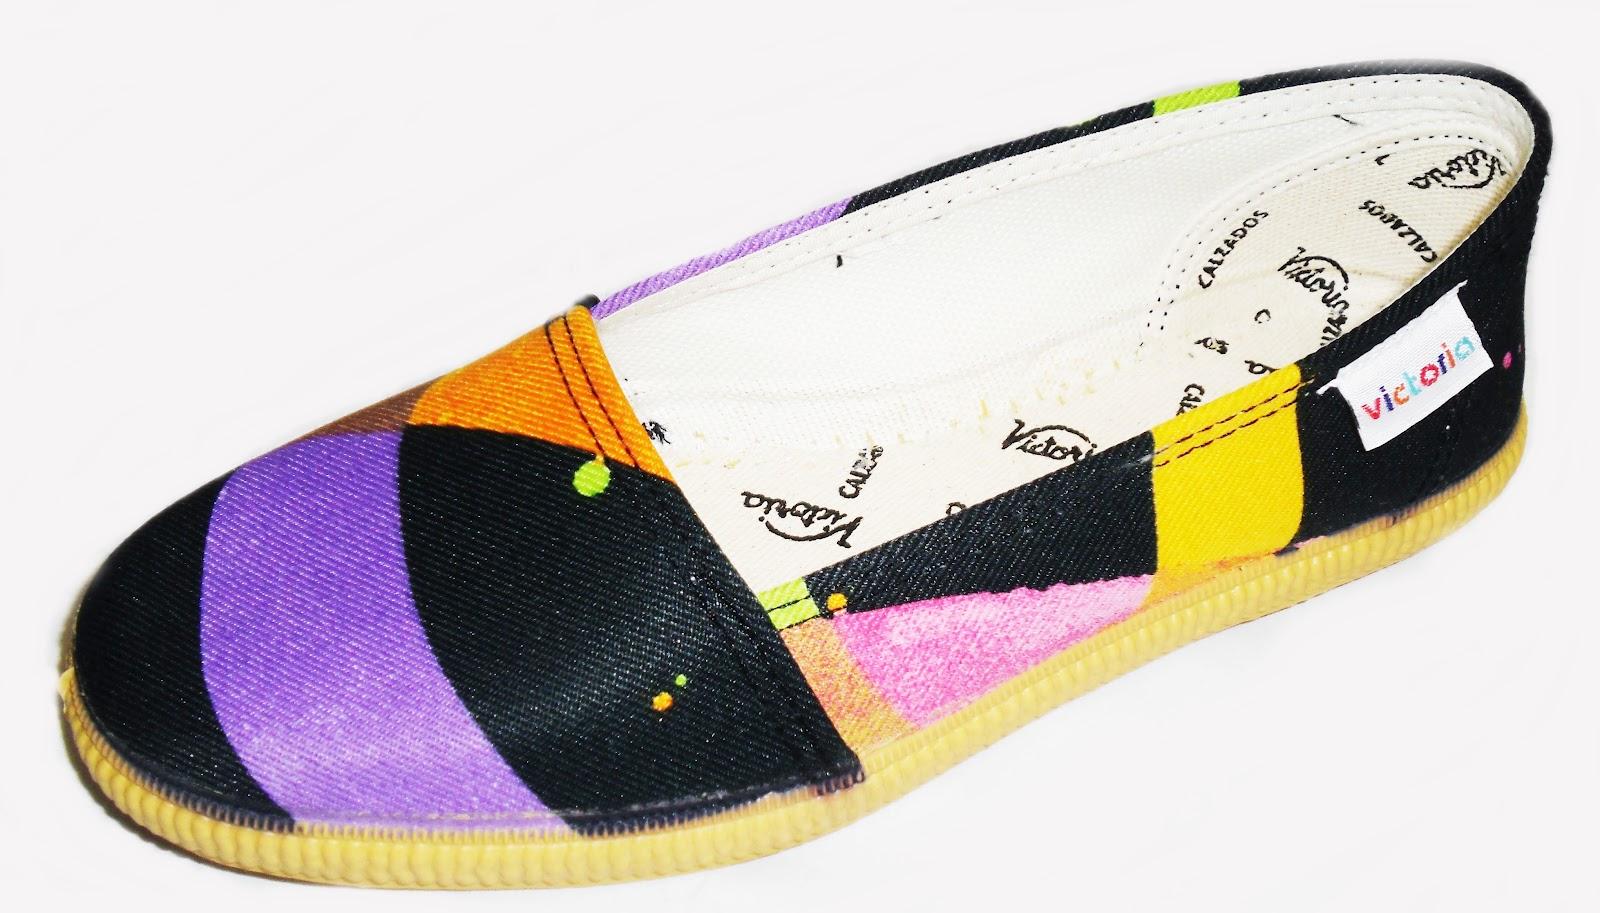 imagenes de zapatos de marca - Zapatos para Caballero Coppel